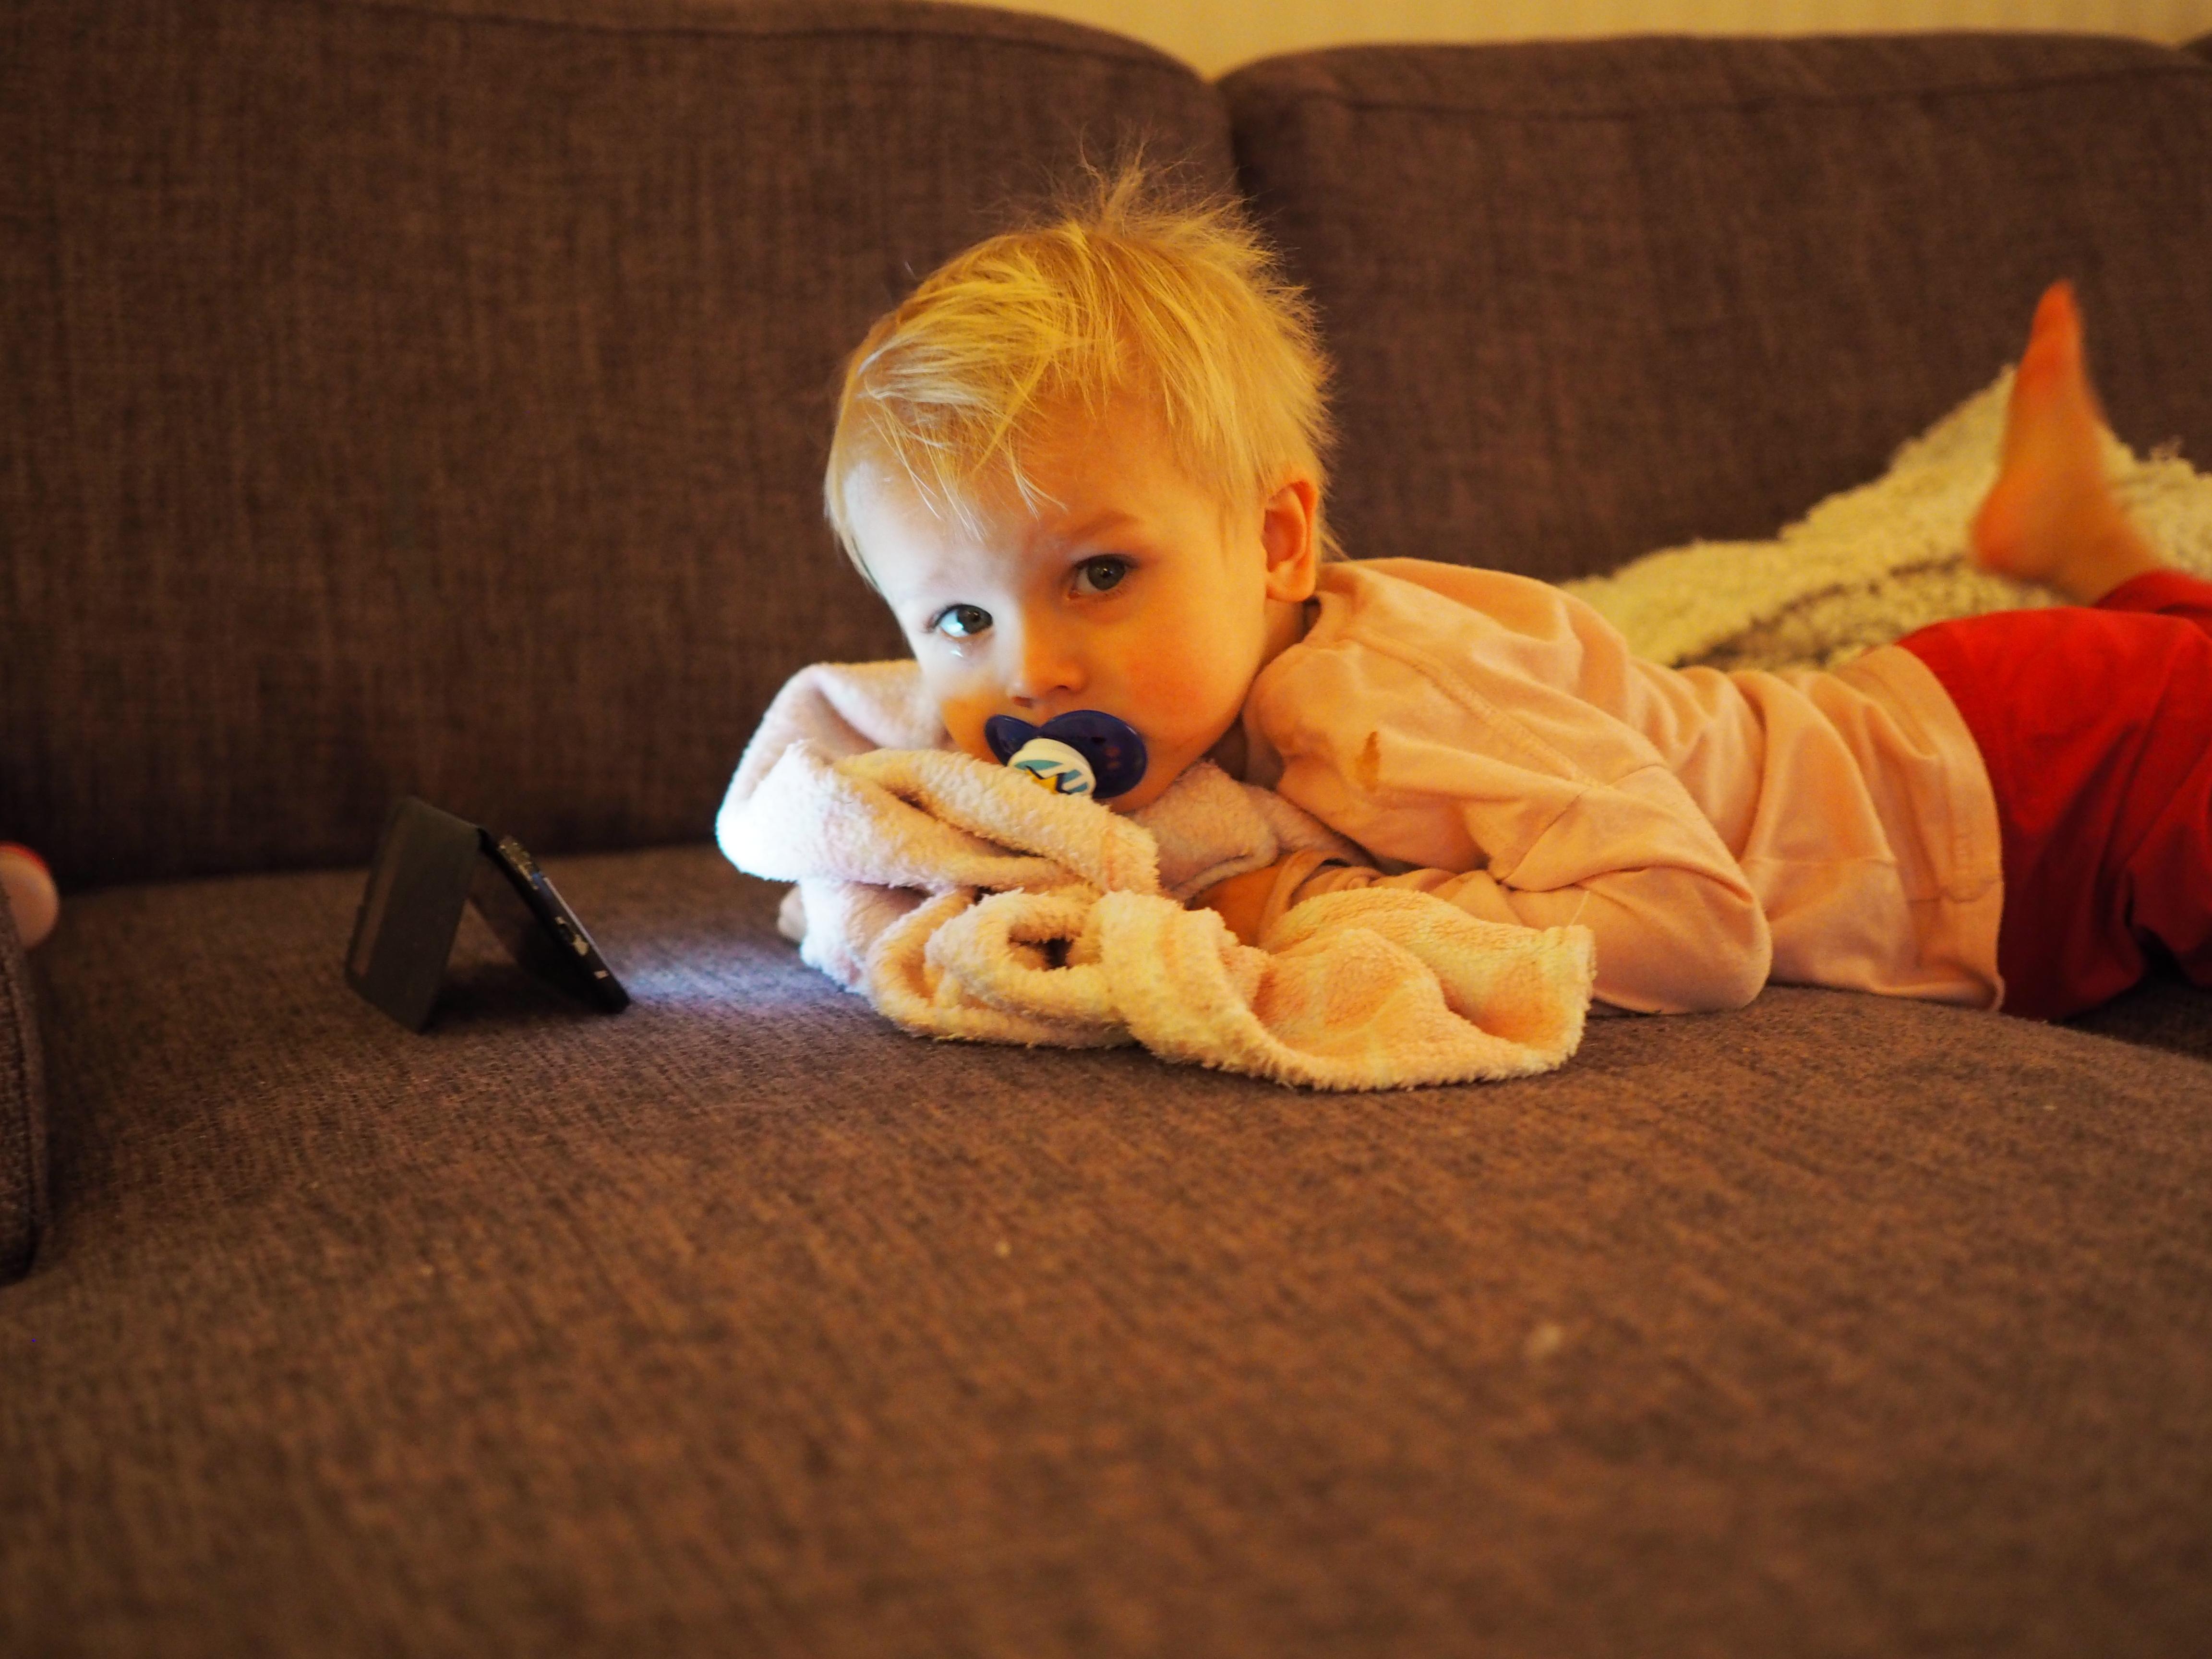 Pikkuinenkin sai hieman kölliä ja kattella samalla lastenohjelmia!